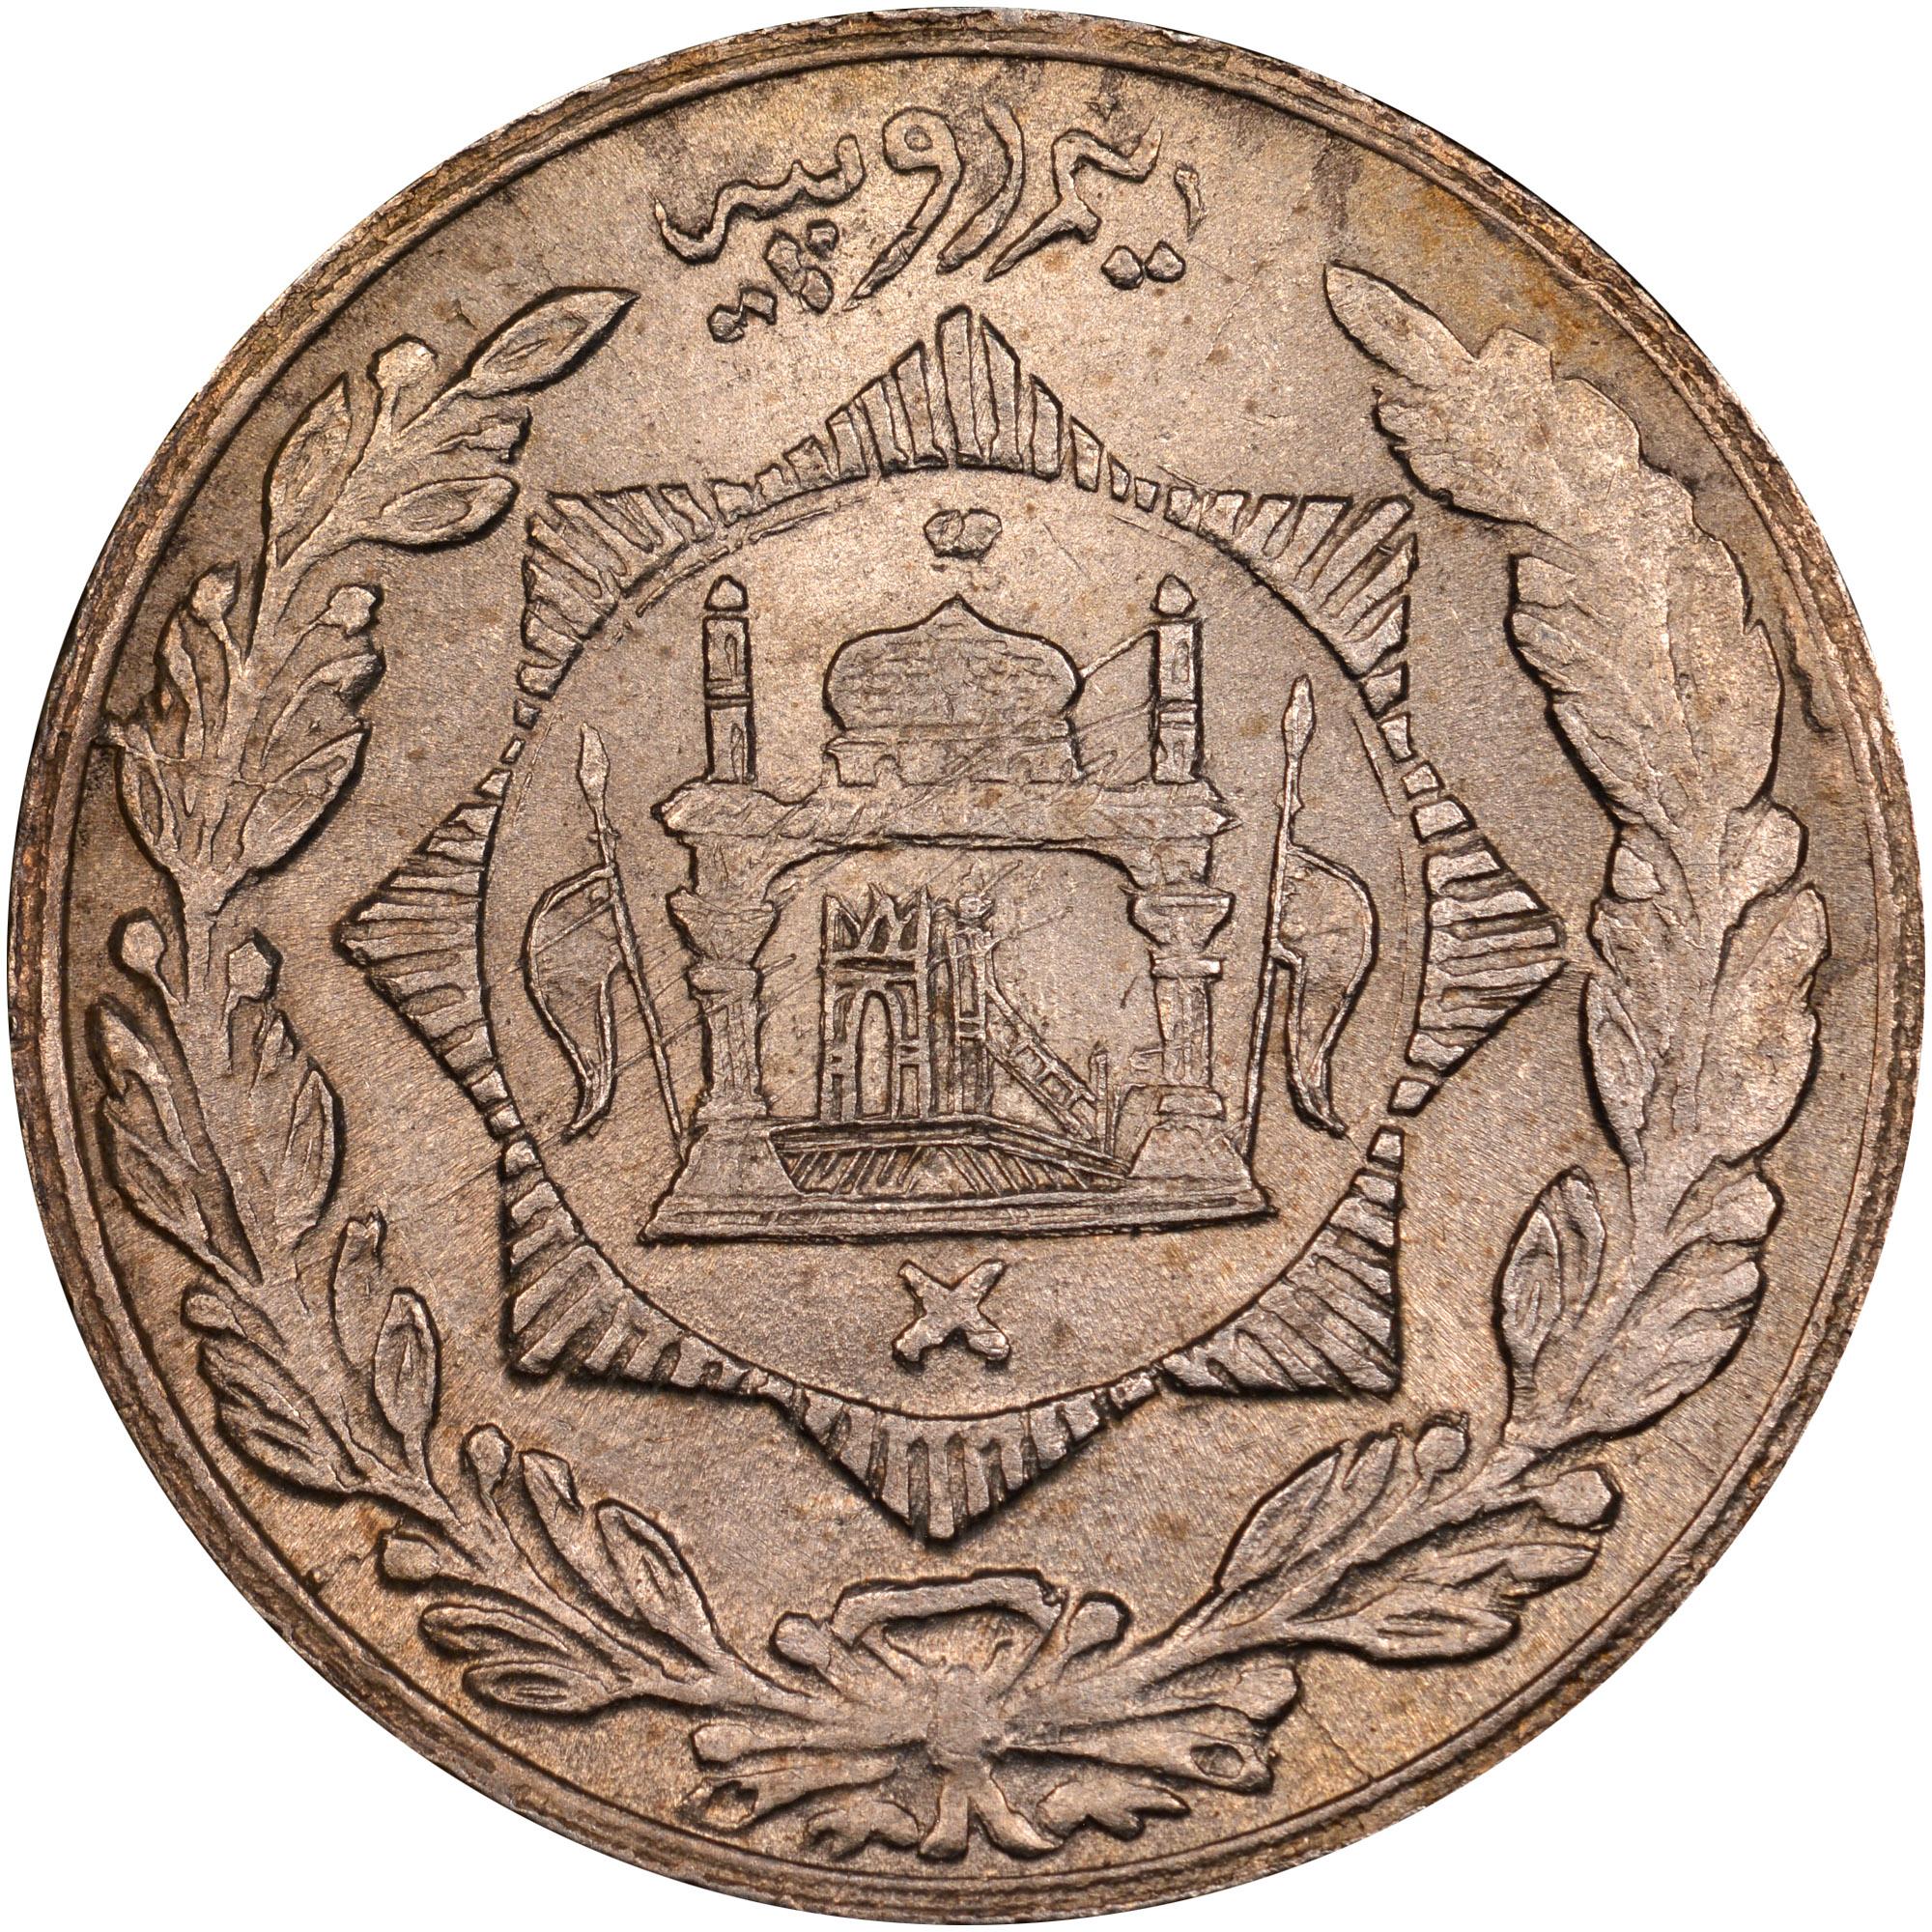 Afghanistan 1/2 Rupee obverse